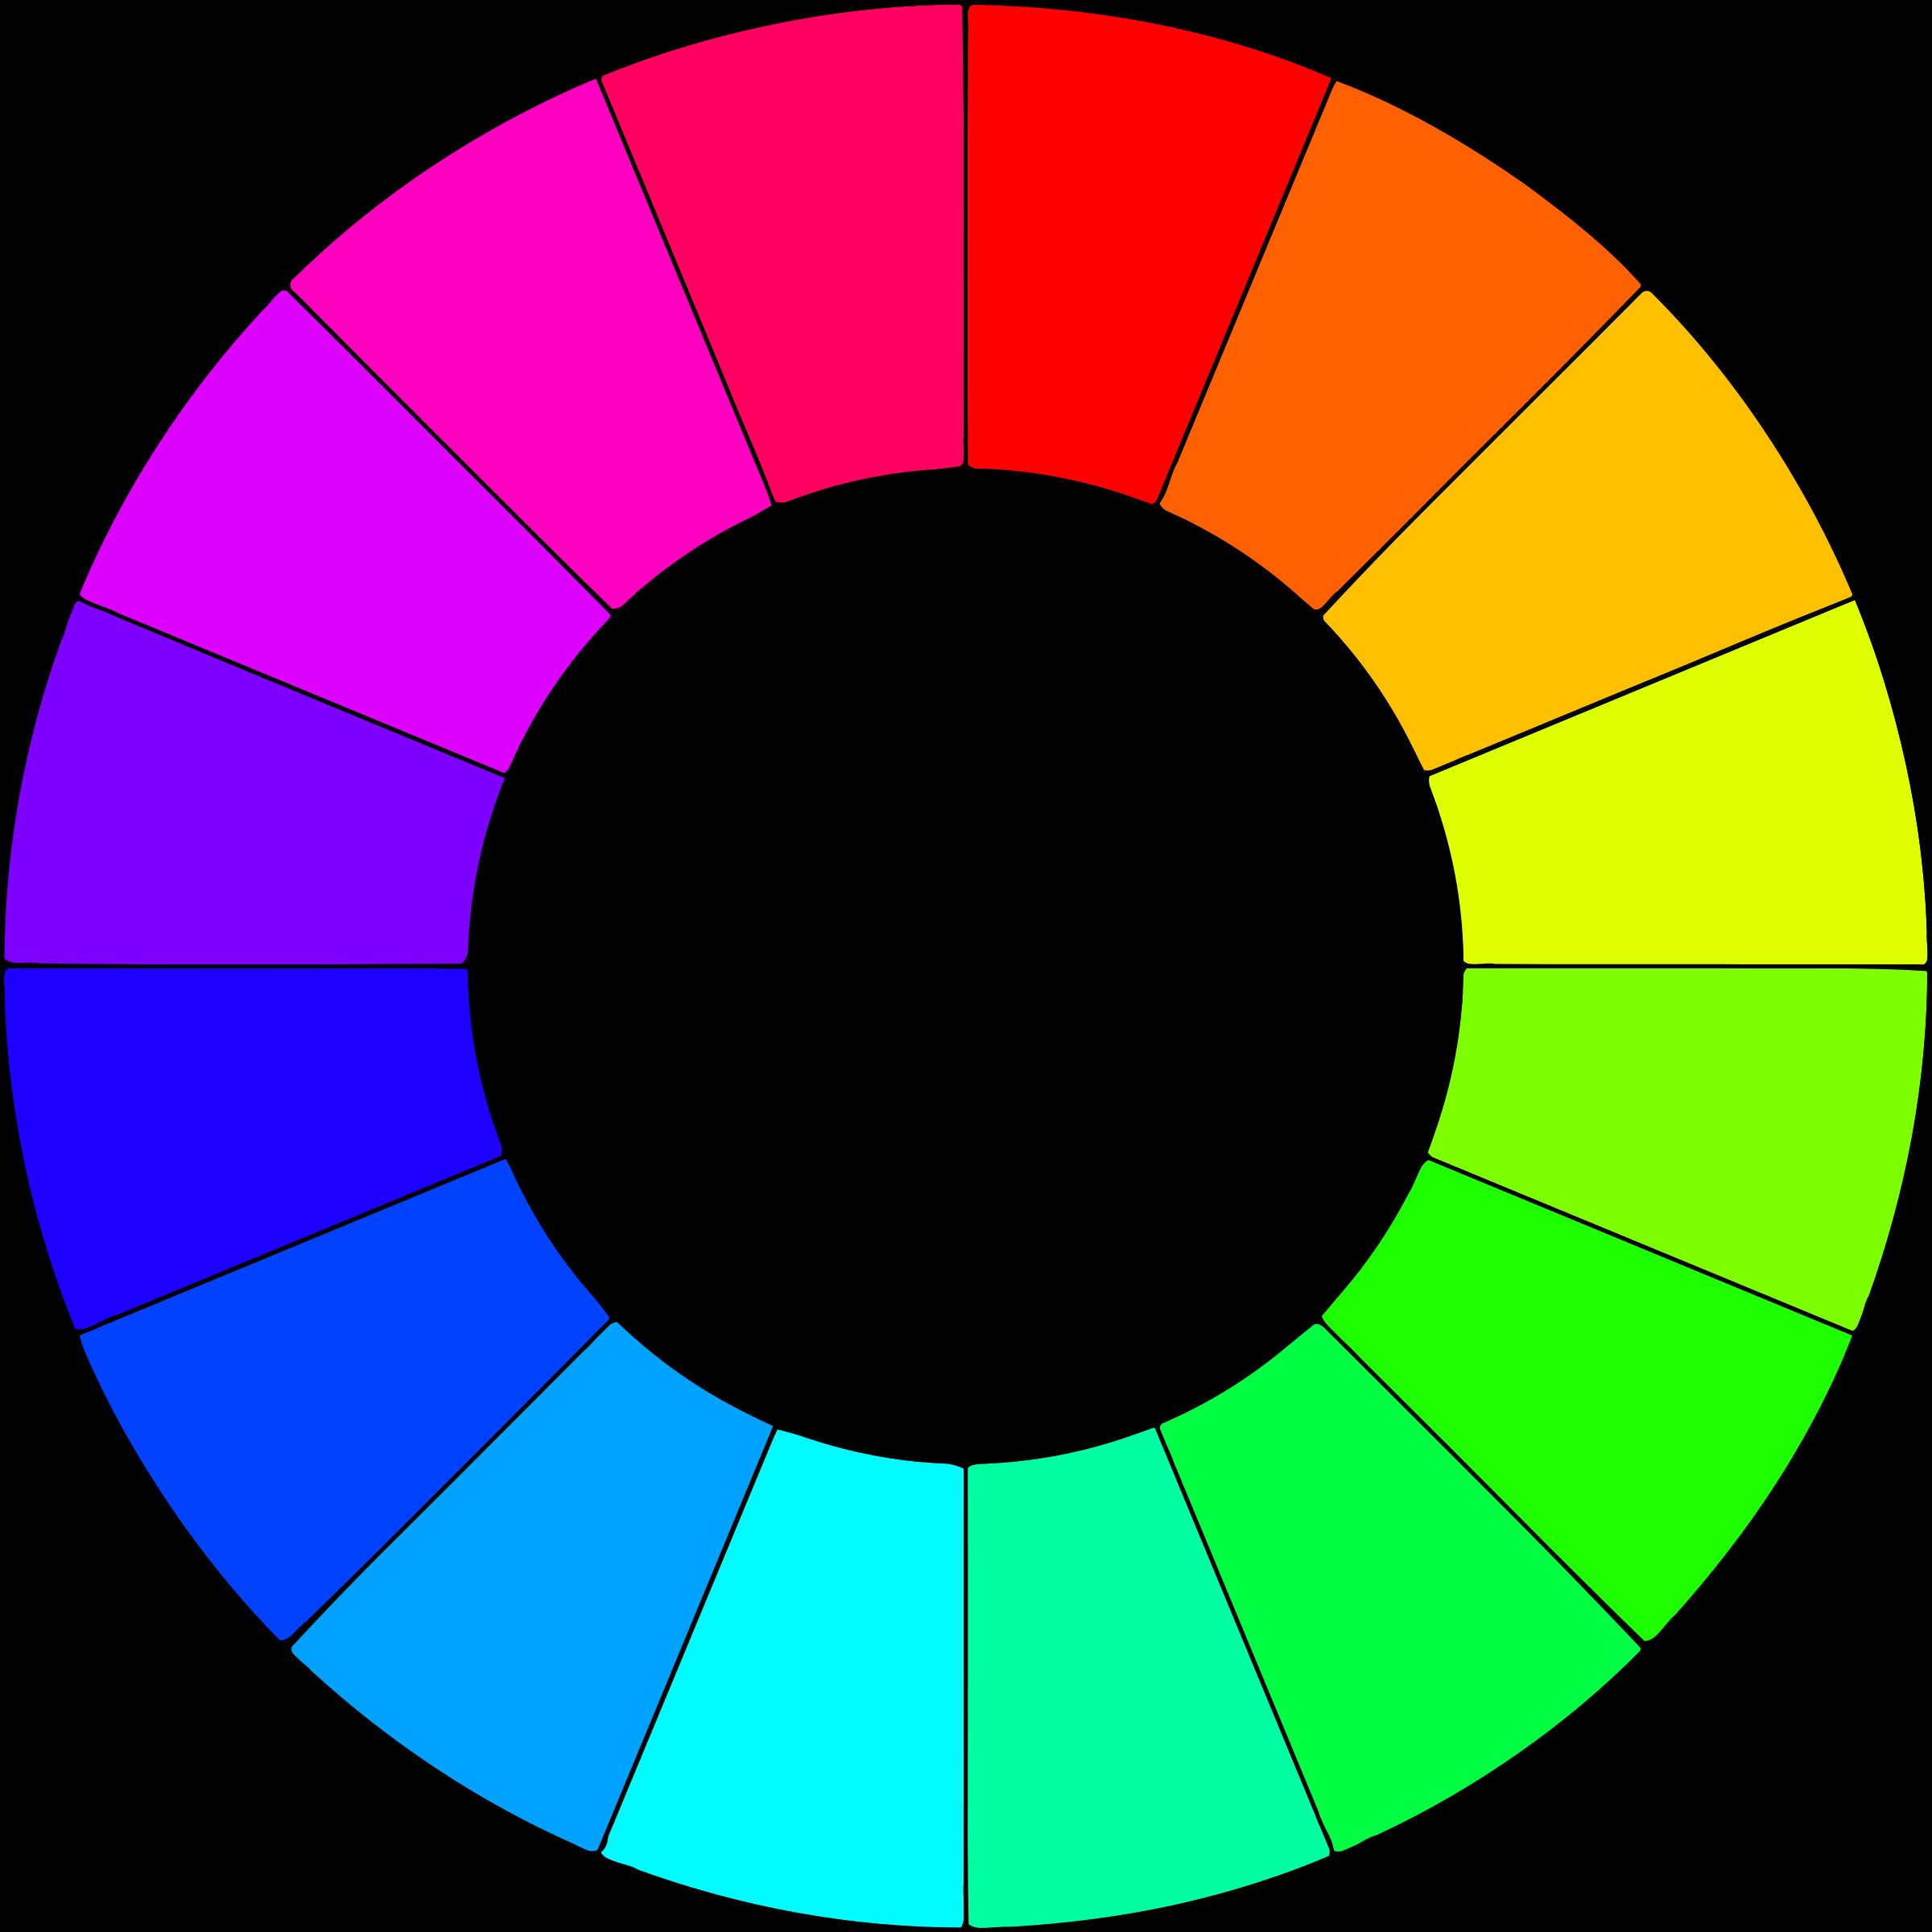 Color clipart color palette. Wheel colors big image